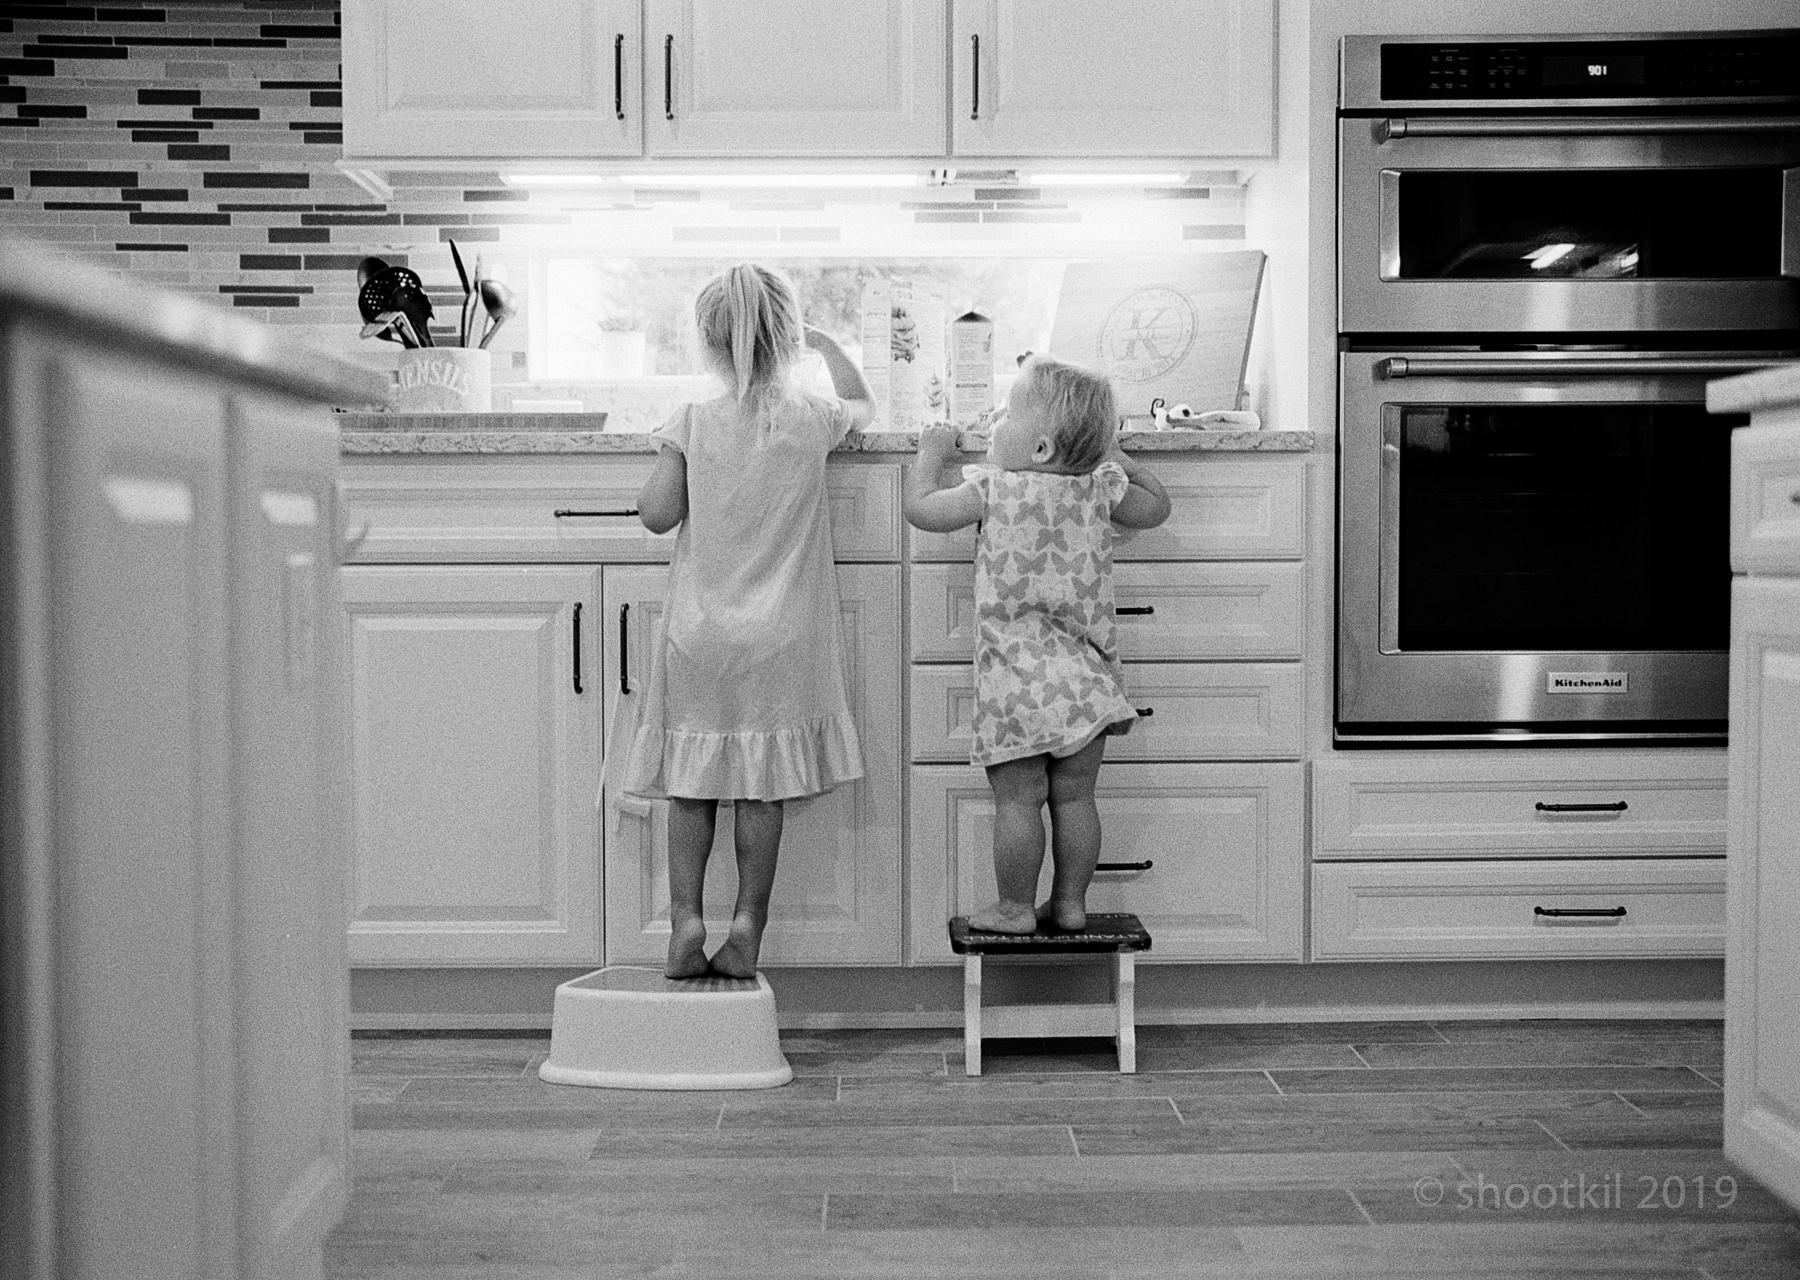 Chloe_Ellie_Cooking.jpg